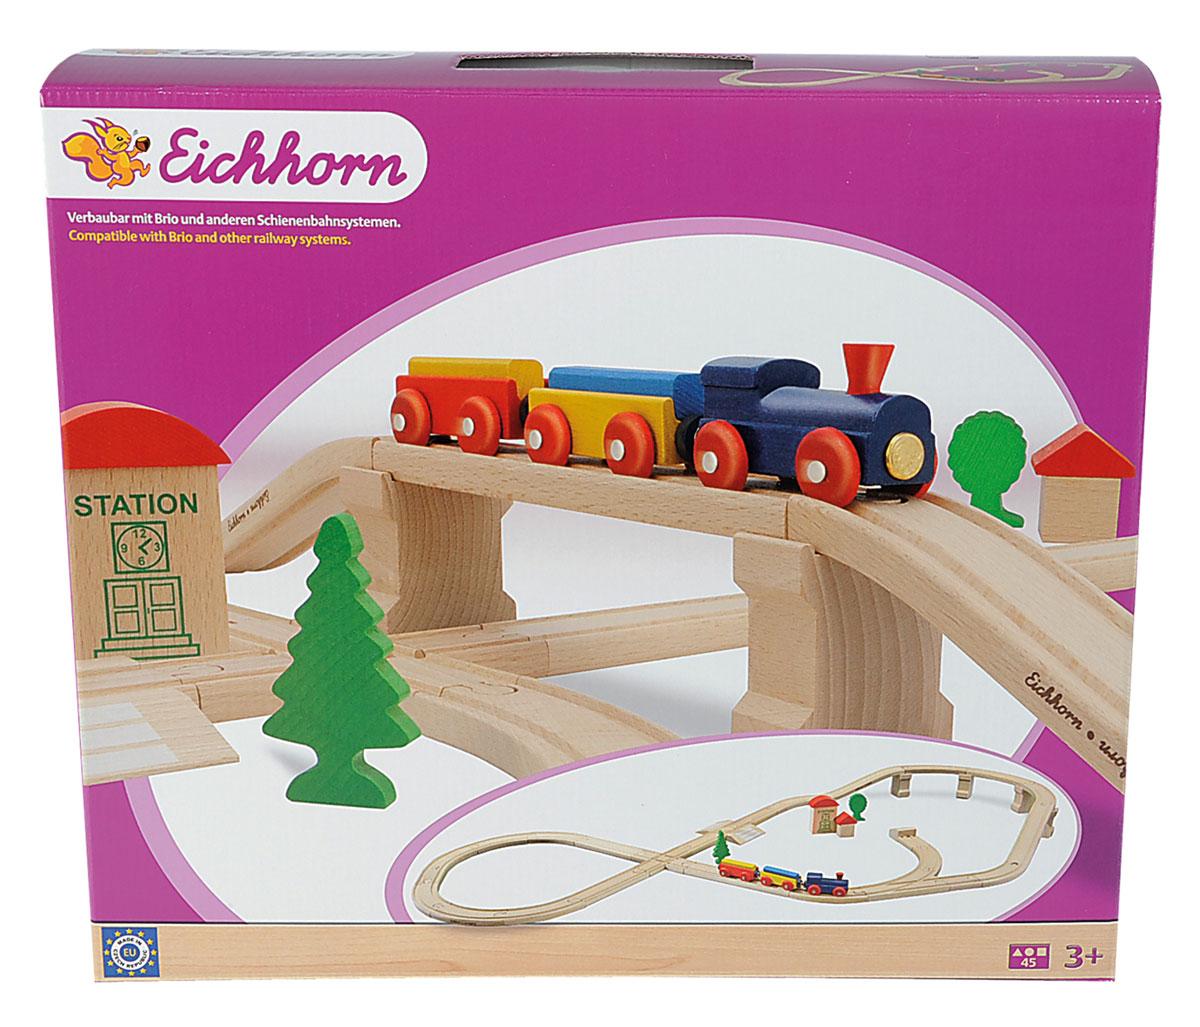 Eichhorn Железная дорога с мостом и тупиком100001203Вашему ребенку обязательно понравится игровой набор Железная дорога. В набор входят два ярких вагончика, паровозик и элементы для железнодорожного полотна. Набор дополнен деревьями и станционными будками. Дополняет железную дорогу мост и тупик. Все элементы выполнены из натурального дерева. Каждый вагончик содержит цветные элементы, используемые как груз. Вагончики дополнены магнитами, с помощью них, они присоединяются к любому другому паровозику, или вагону. С этим набором ребенок может значительно расширить возможности игр с железной дорогой. Набор совместим со всеми железными дорогами и паровозиками Eichhorn и наборами Brio. Железные дороги позволяют ребенку не только получать удовольствие от игры, но и развивать пространственное воображение, мелкую моторику и координацию движений.